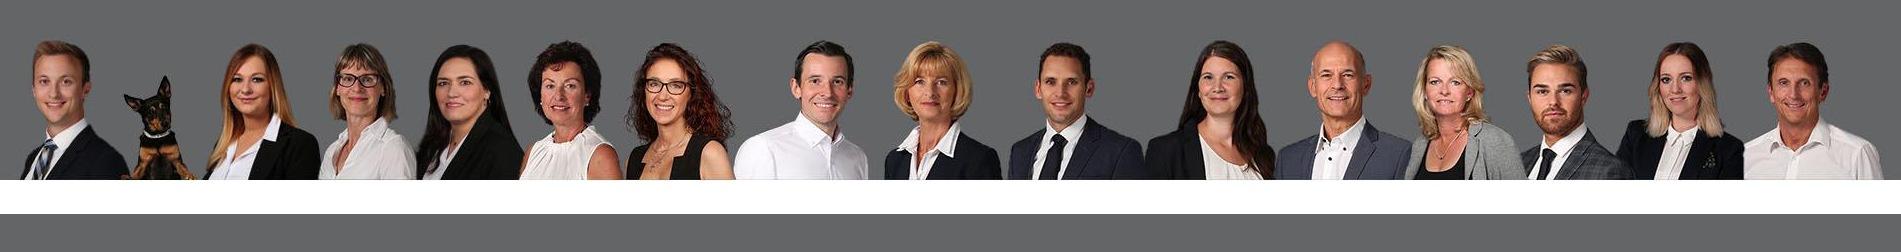 Team ZEIT & WERT Immobilien Maklersocietät GmbH 2019